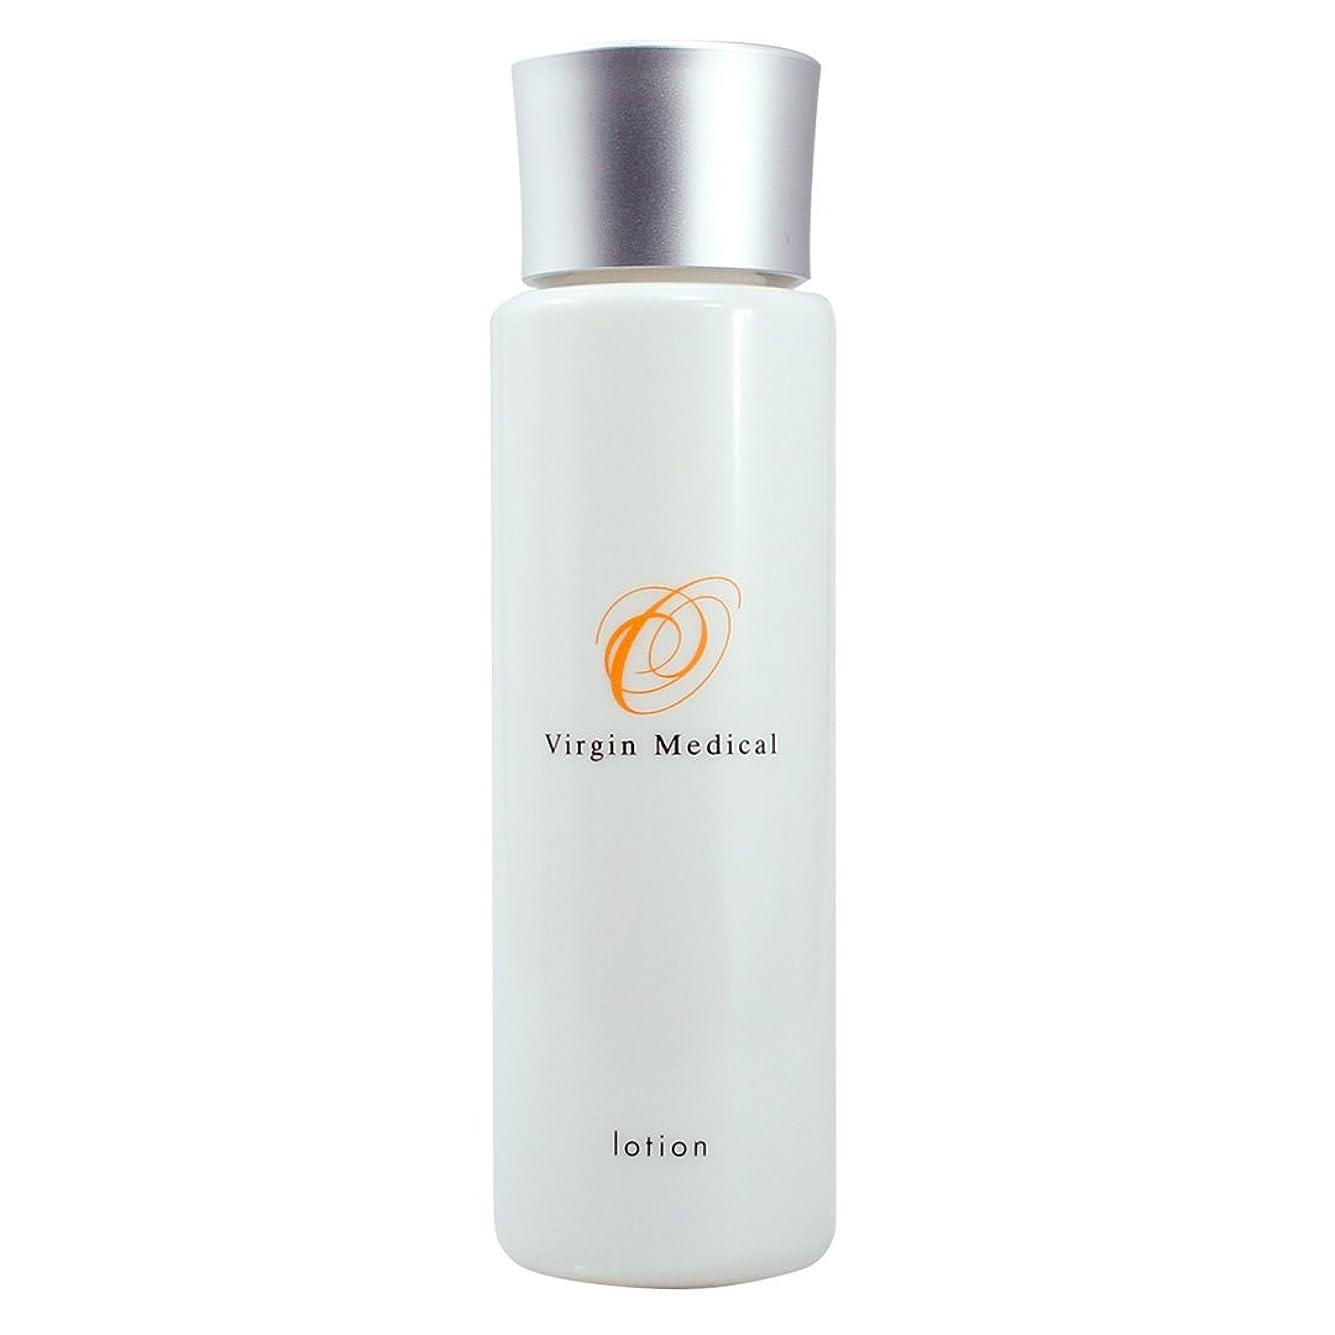 忠実にトリップオーバーコートヴァージンメディカル オゾン 浸透化粧水 セラミド配合 120ml バリアサプリメント バリア補強